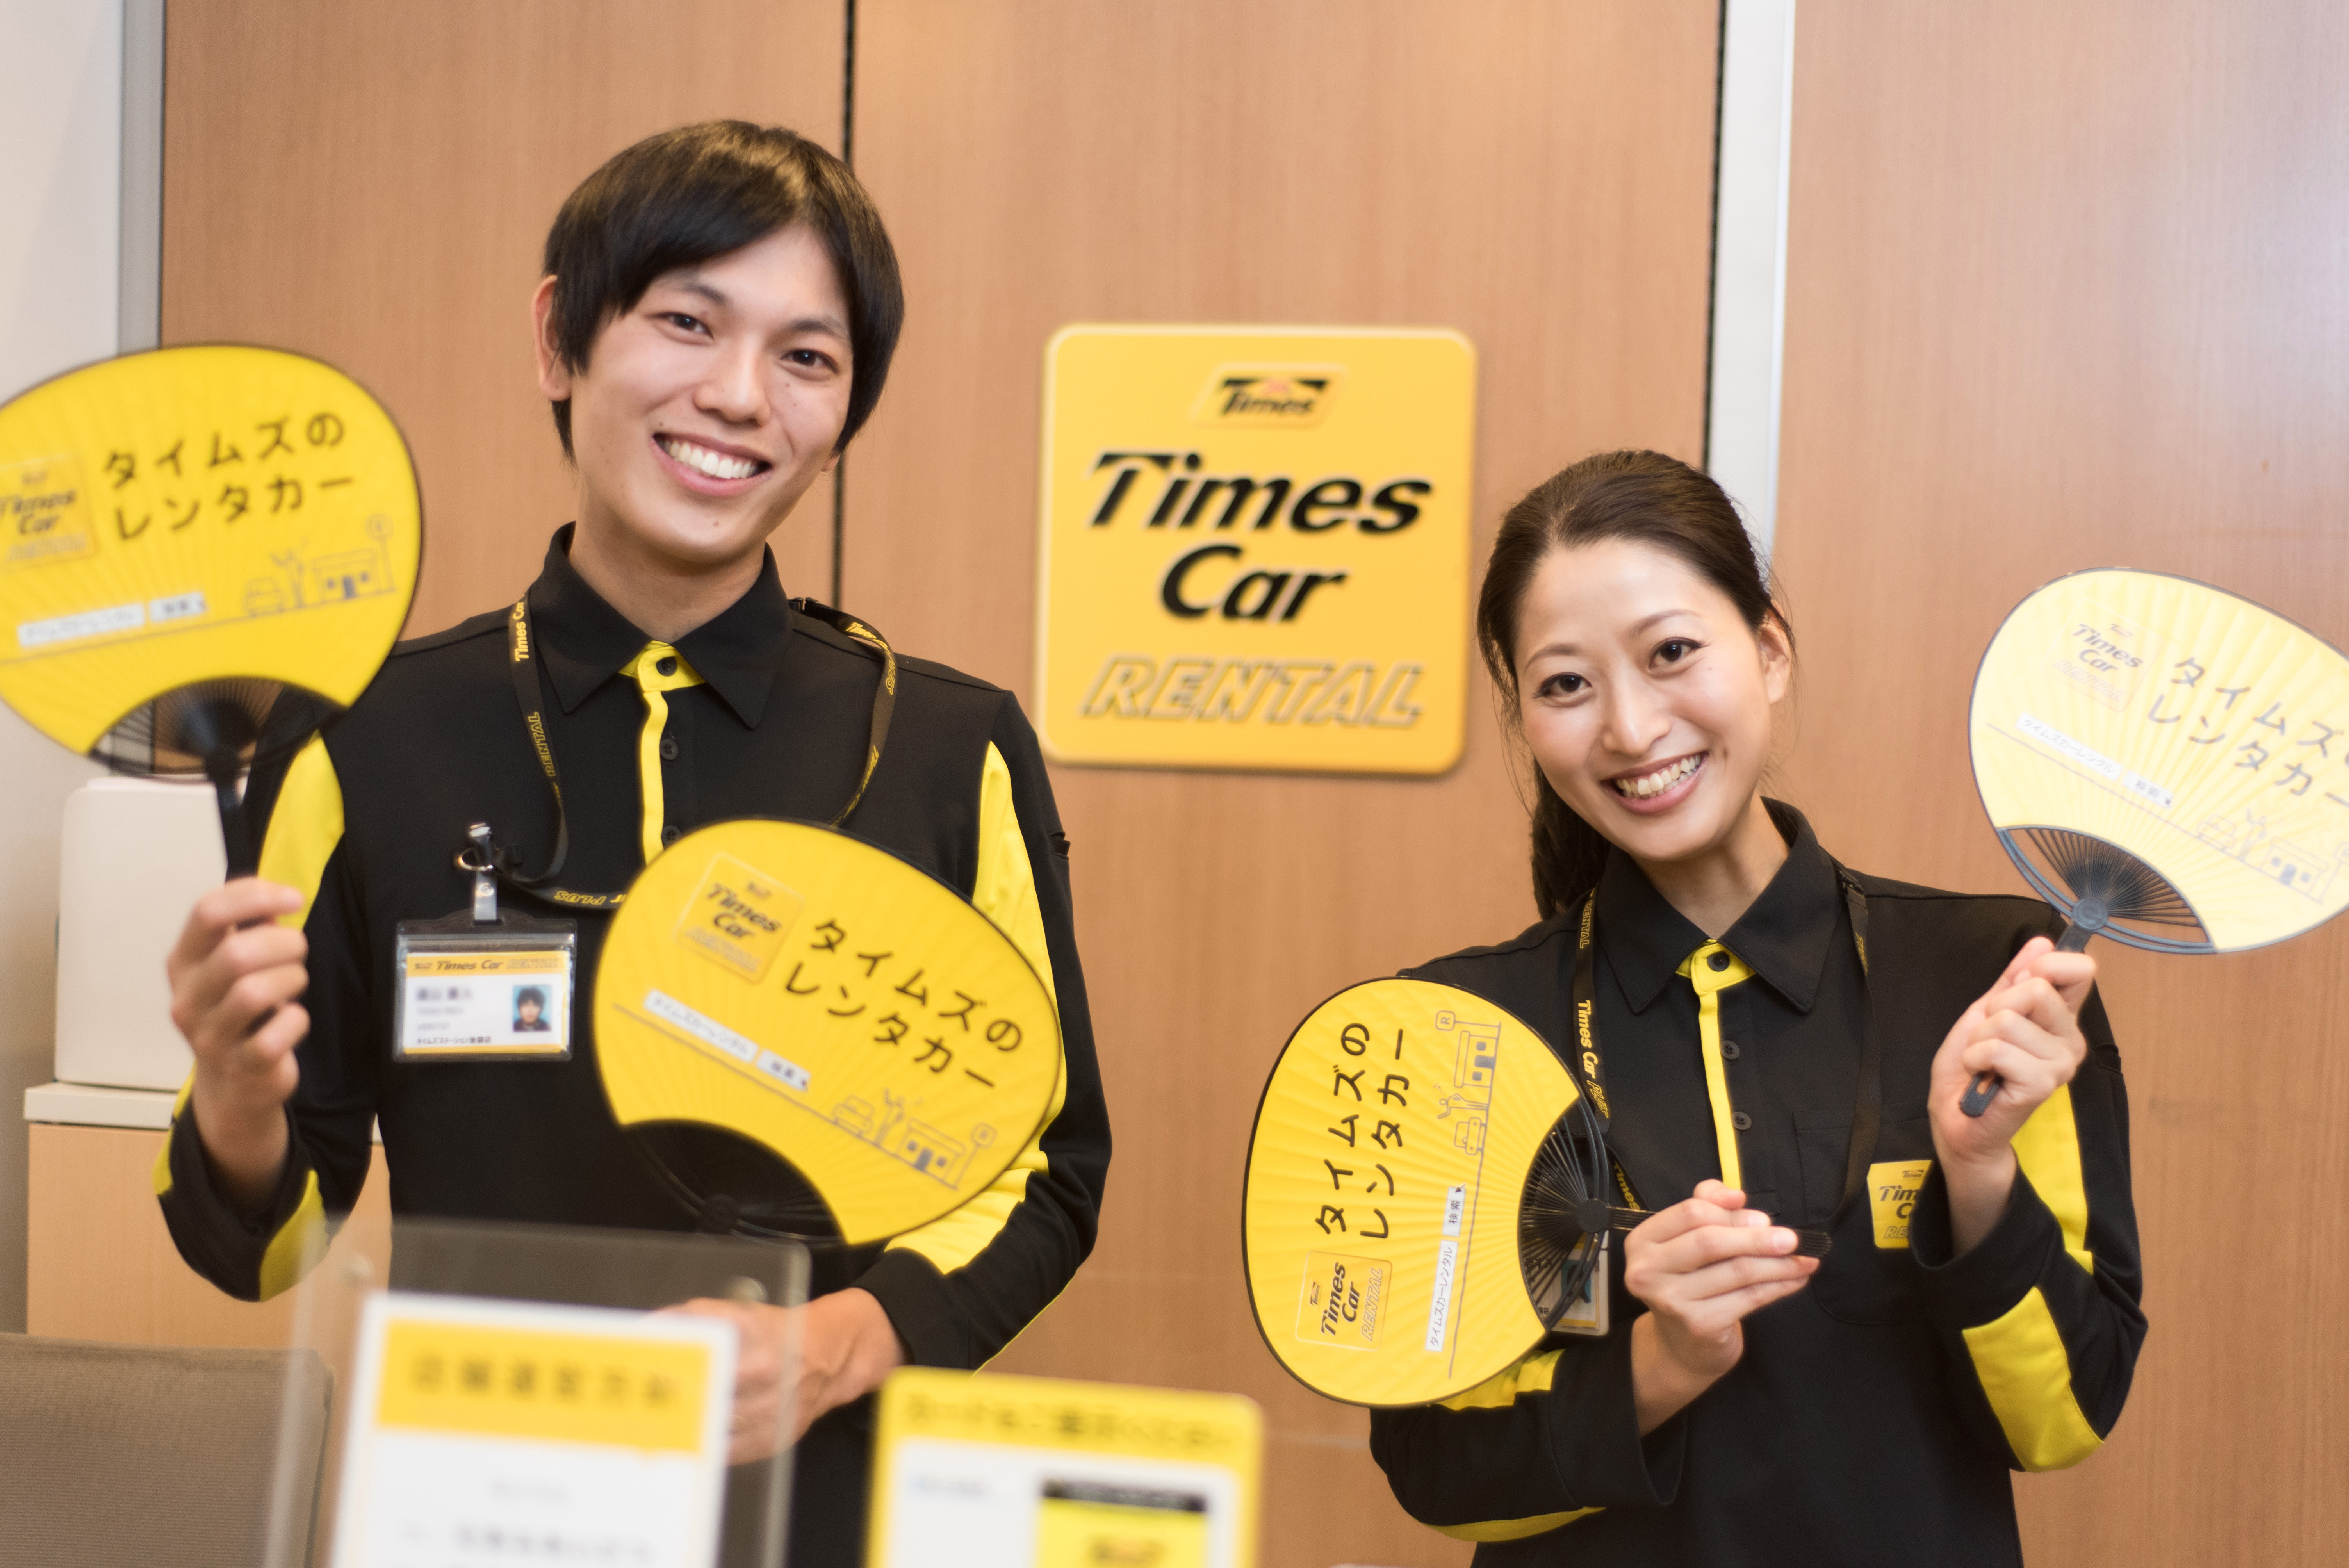 タイムズカーレンタル 呉駅前店 のアルバイト情報